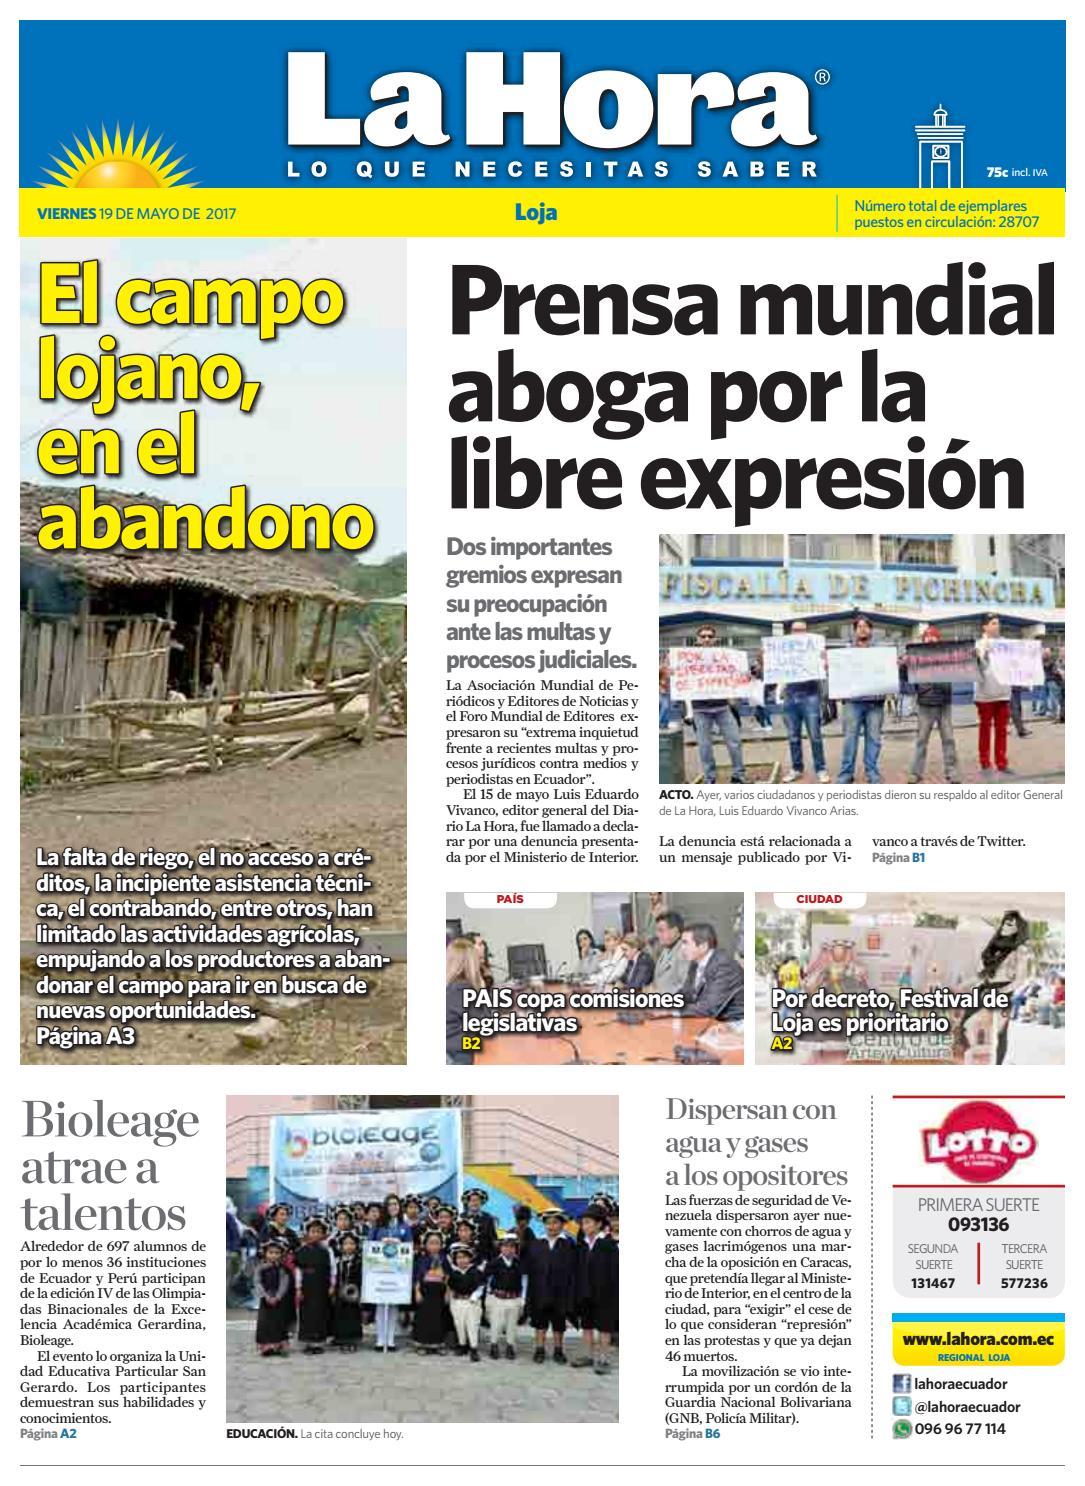 Diario la hora loja 19 de mayo 2017 by Diario La Hora Ecuador - issuu